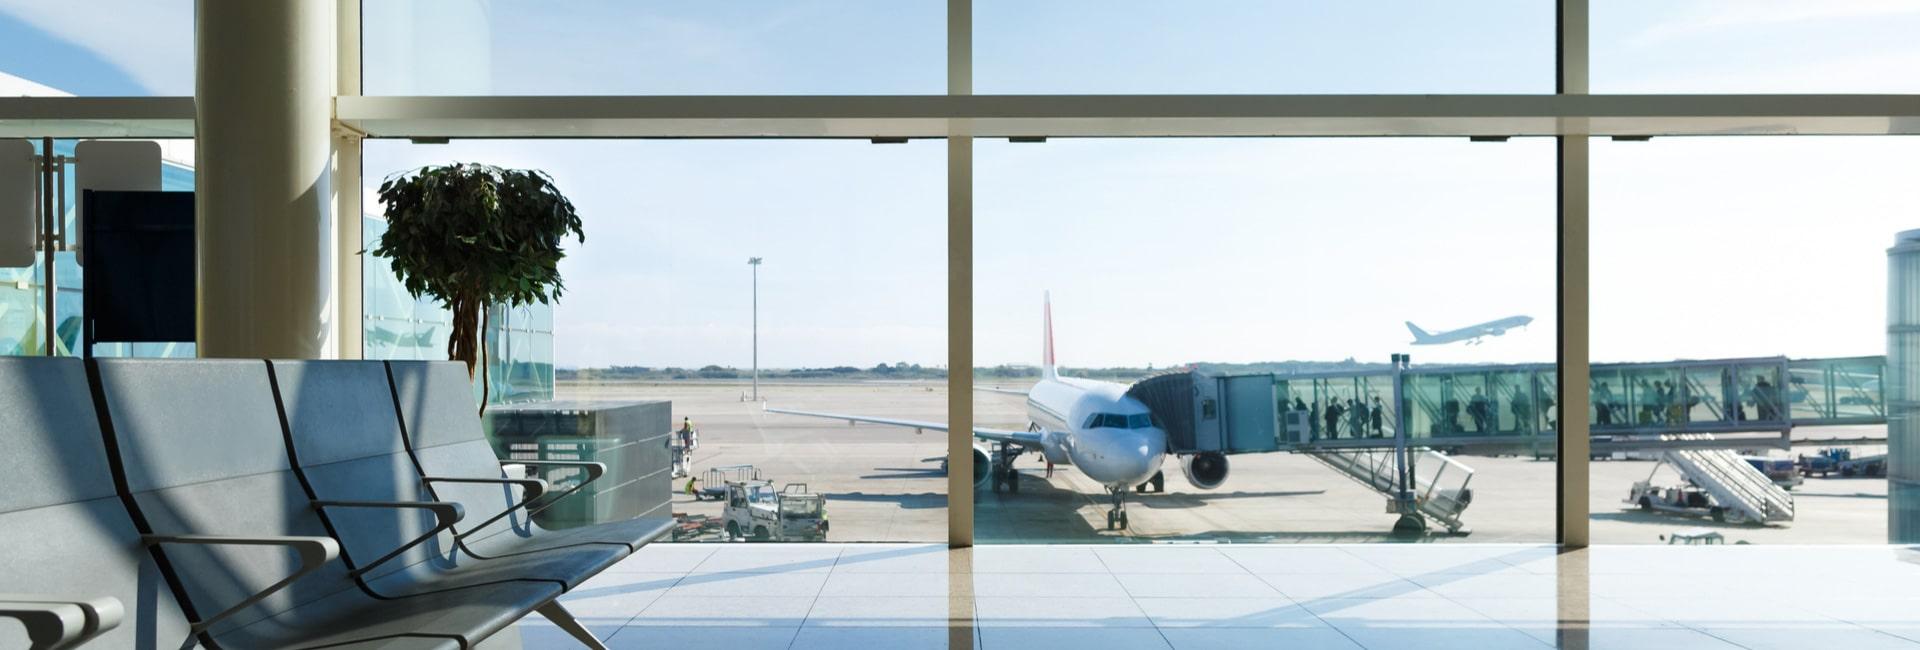 Los cabos airport receives aci health accreditation